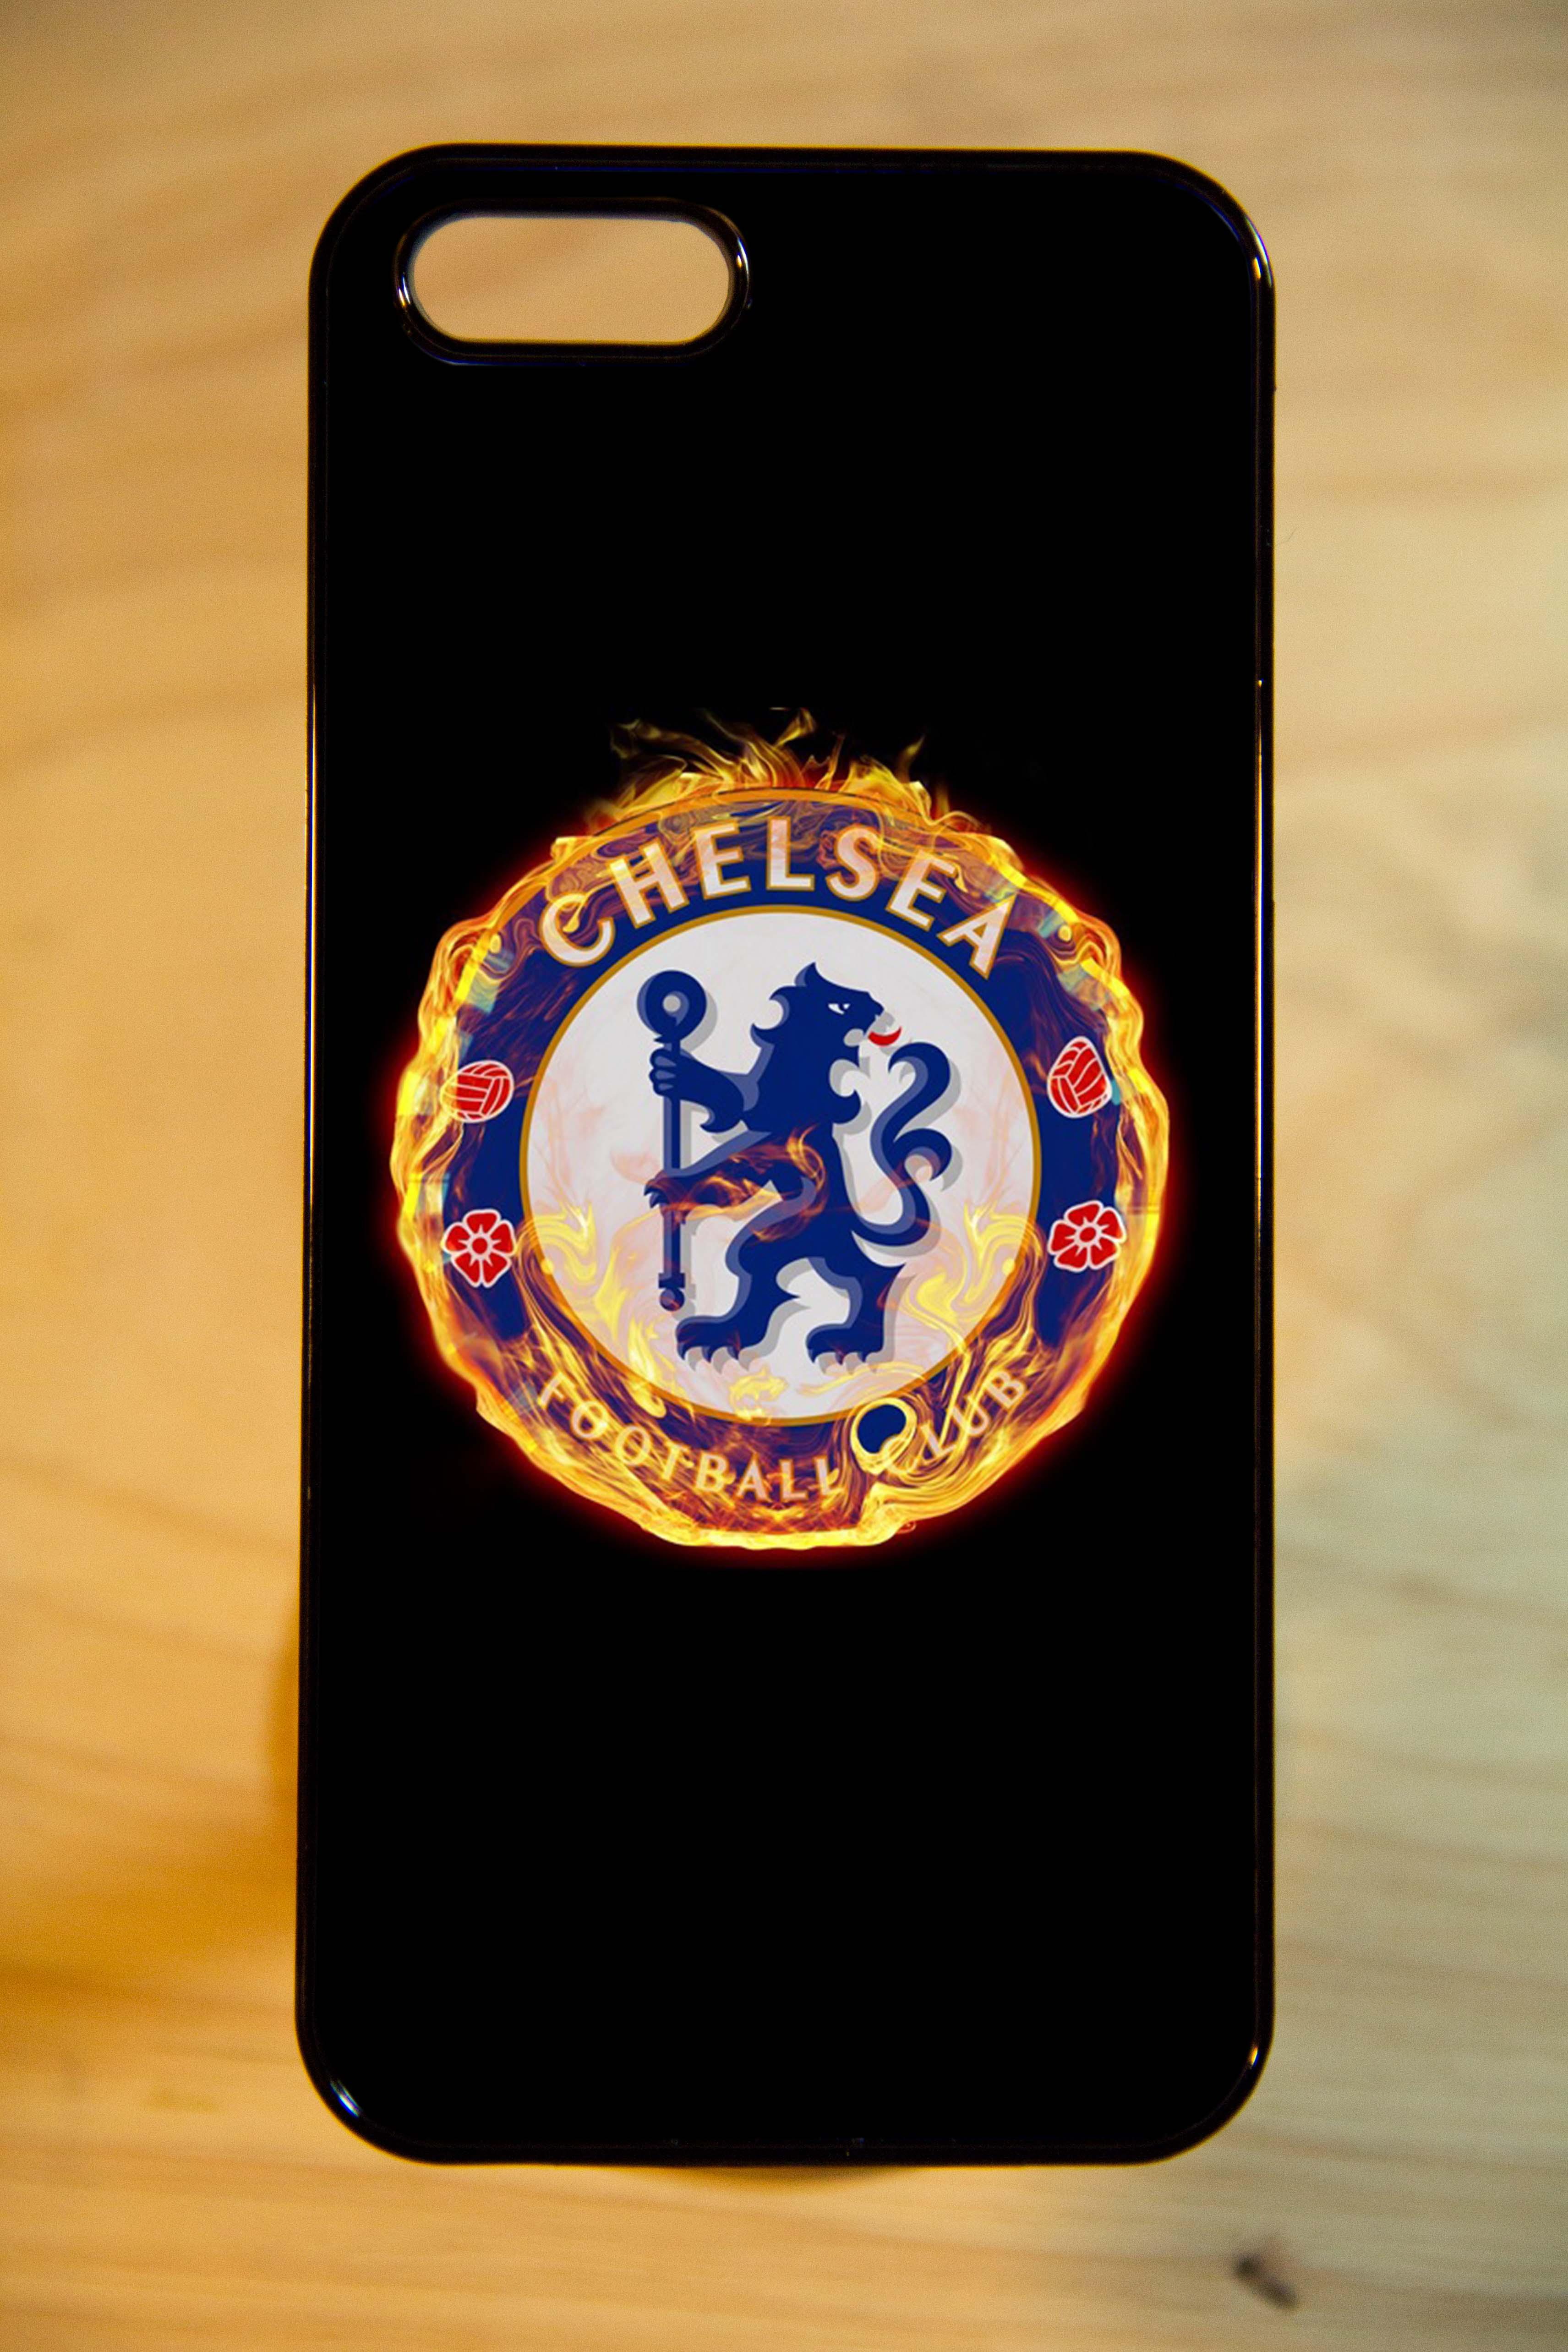 เคสโทรศัพท์ สกรีน - Chelsea